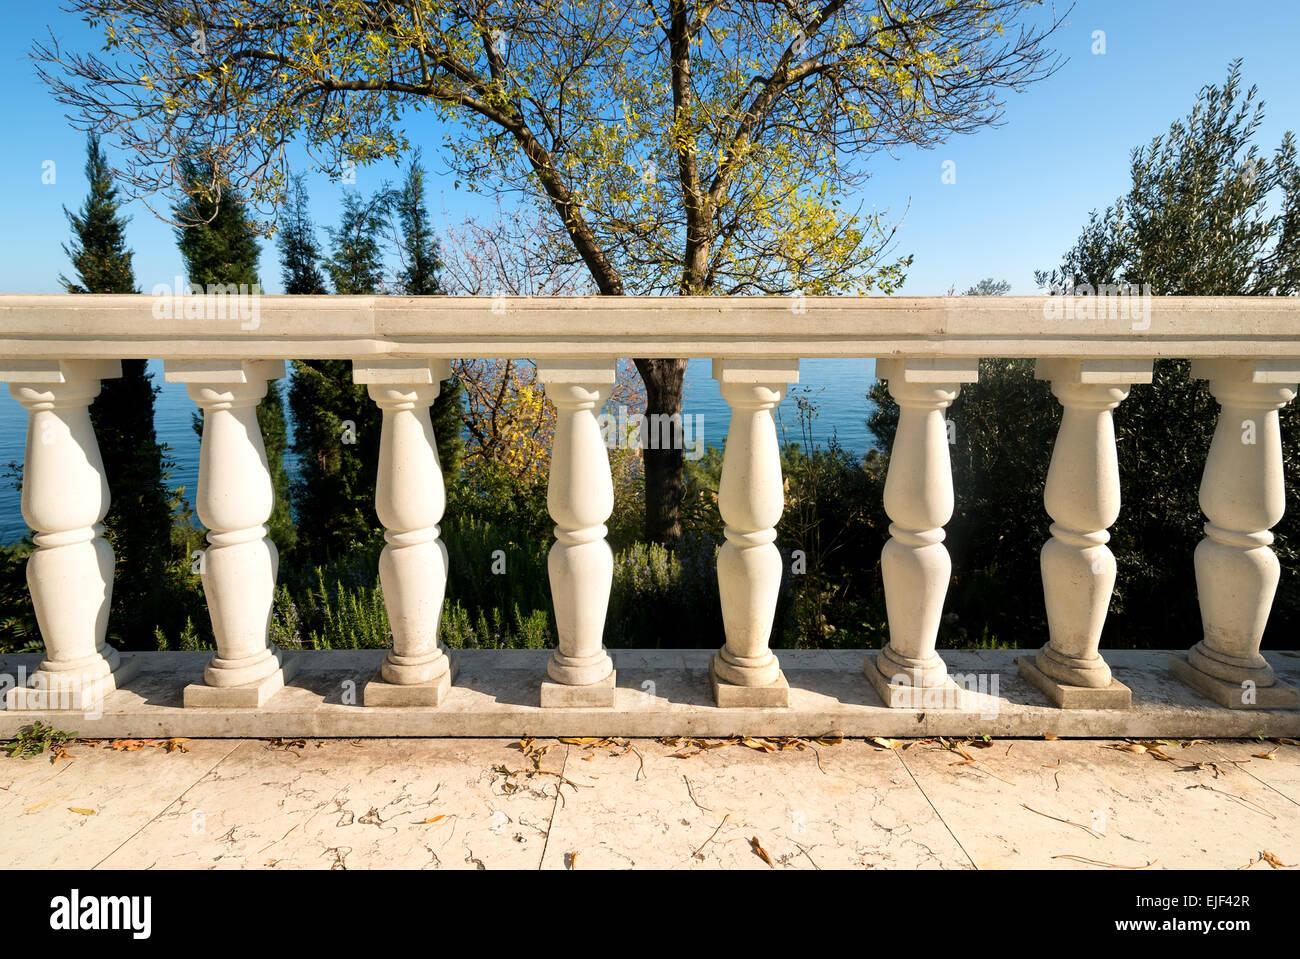 Colonne decorative su un punto di vista dal ponte vicino al mare Immagini Stock